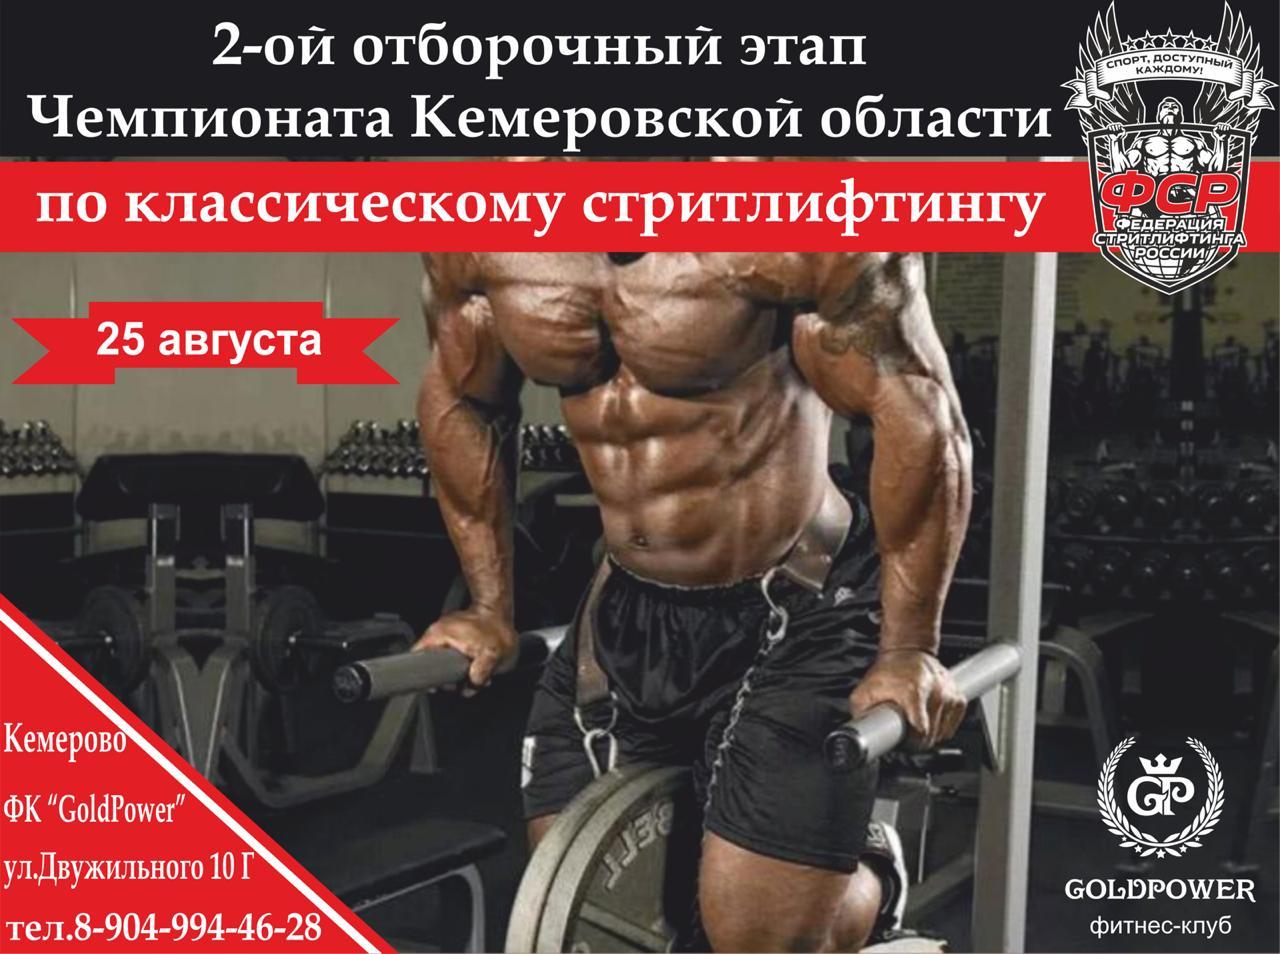 25 августа 2019 – 2-ой отборочный этап Чемпионата Кемеровской области по классическому стритлифтингу и его отдельным движениям, г. Кемерово (К, М)